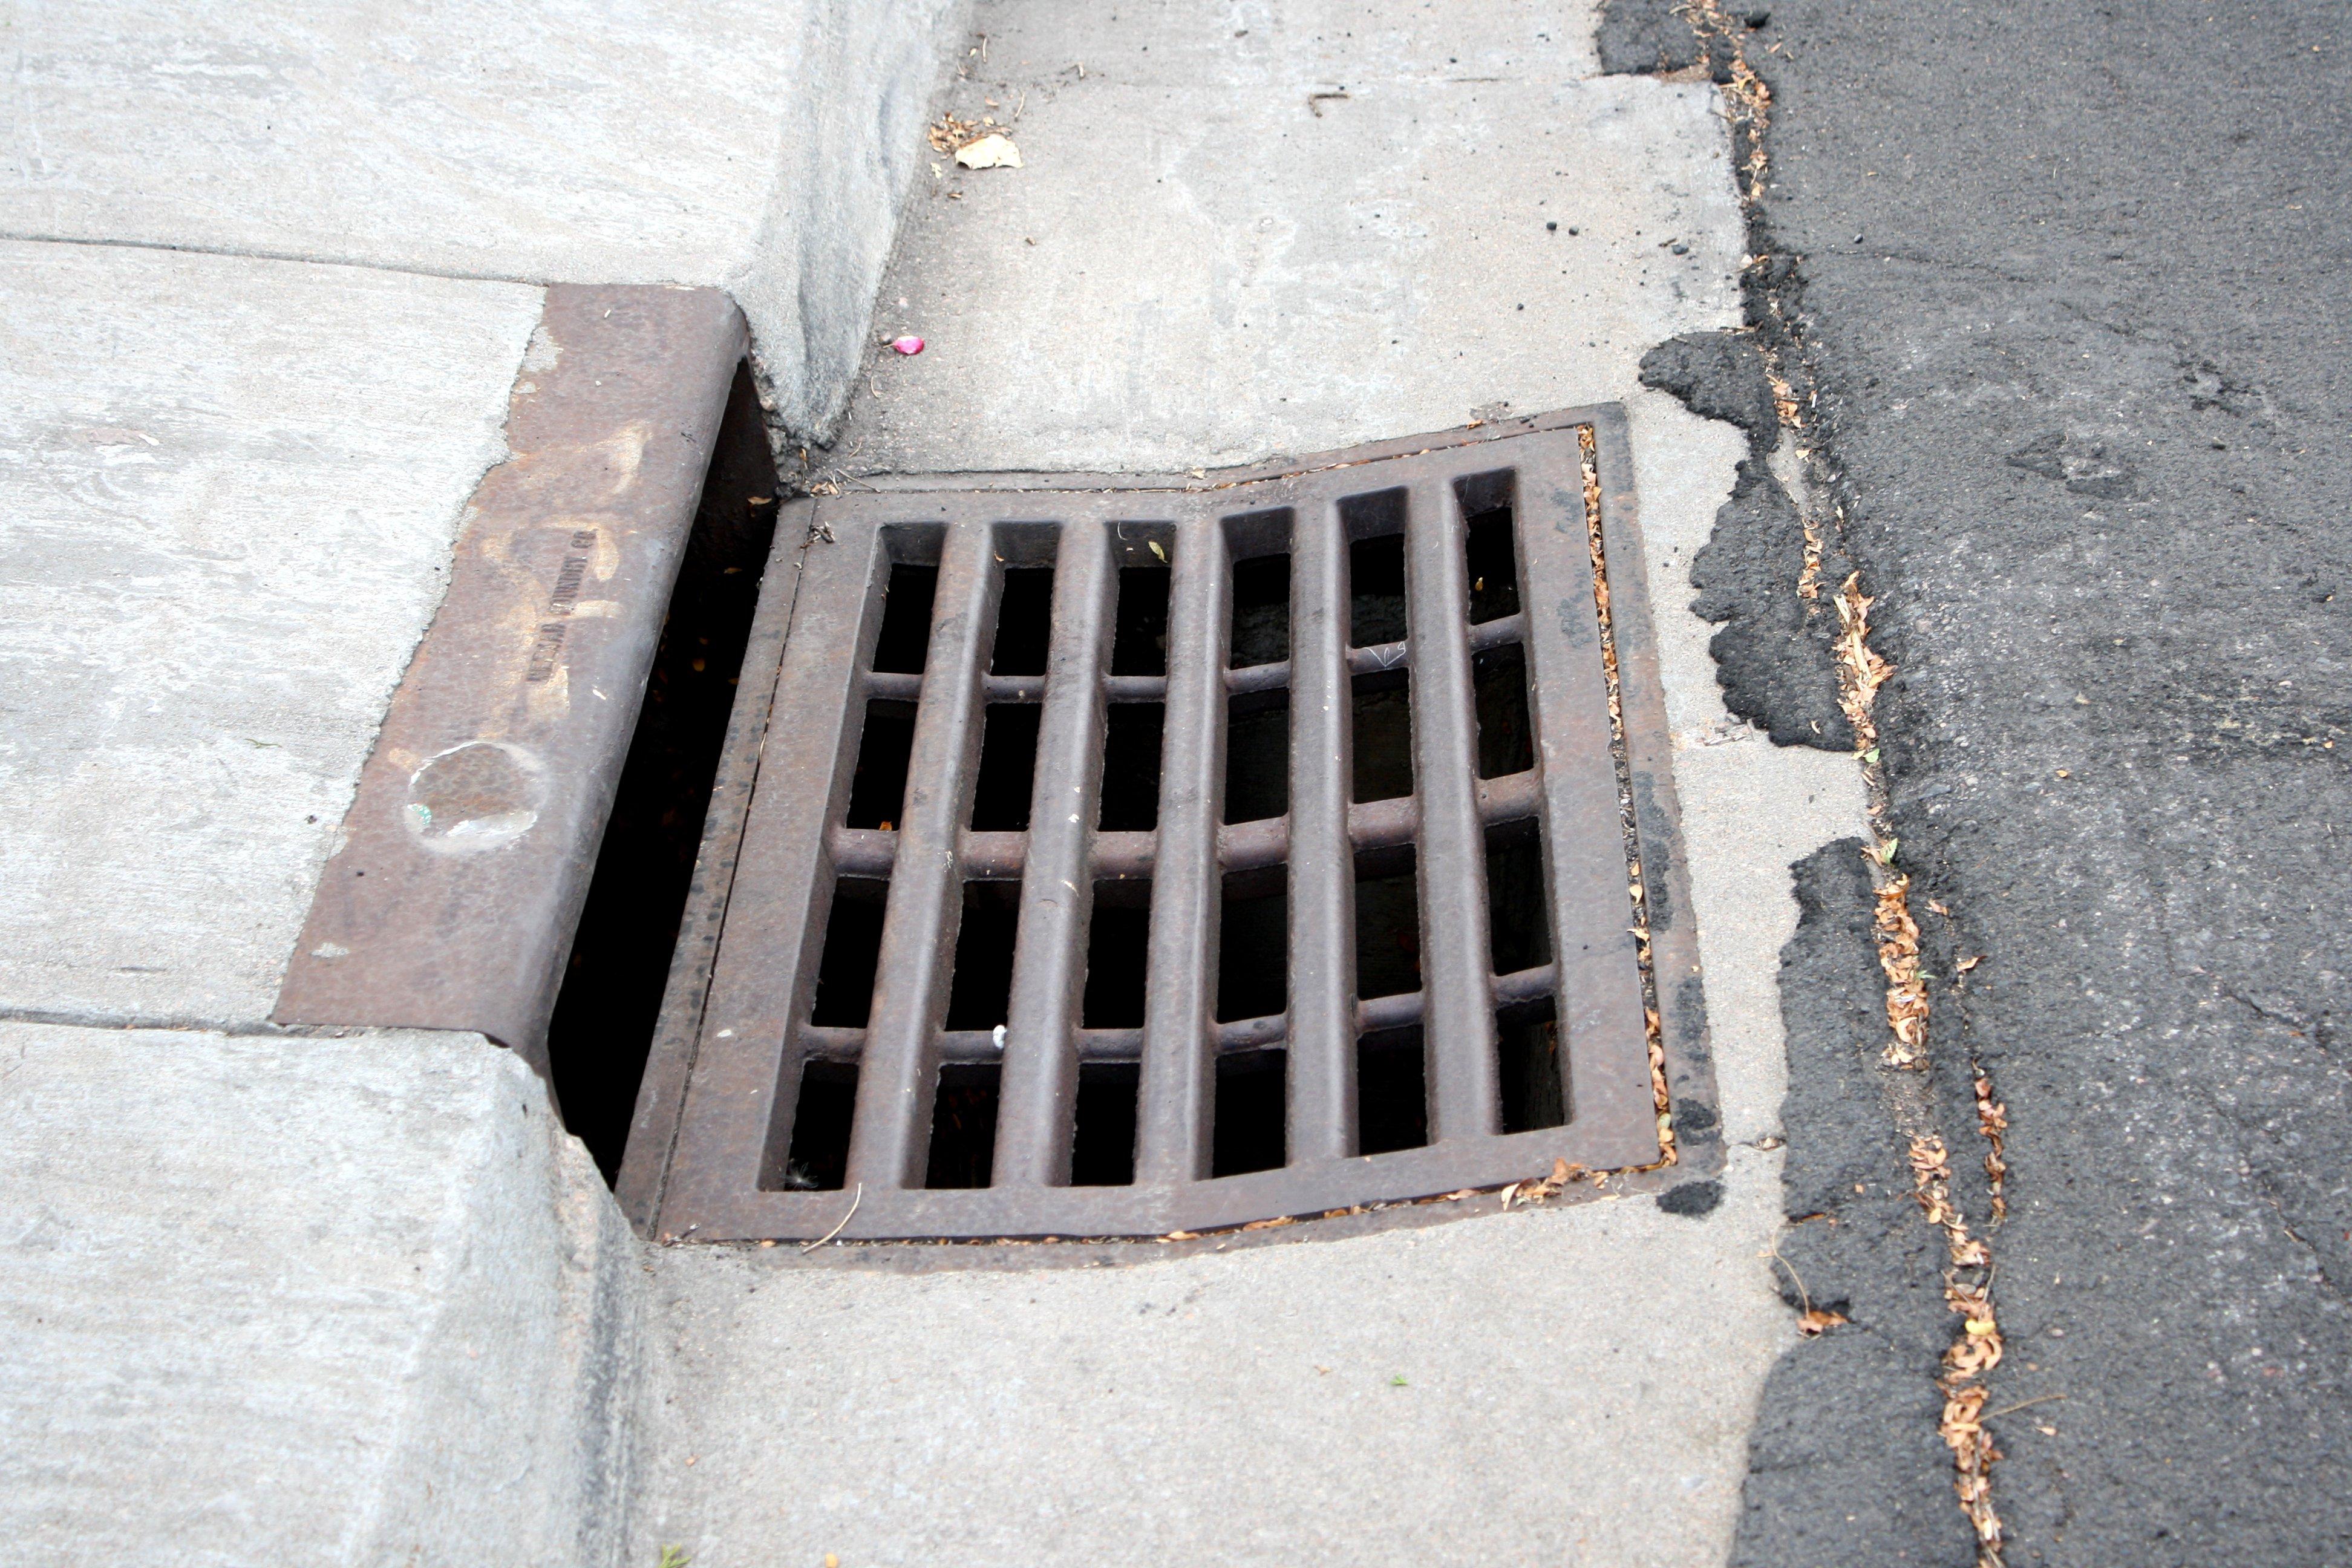 clean storm drain